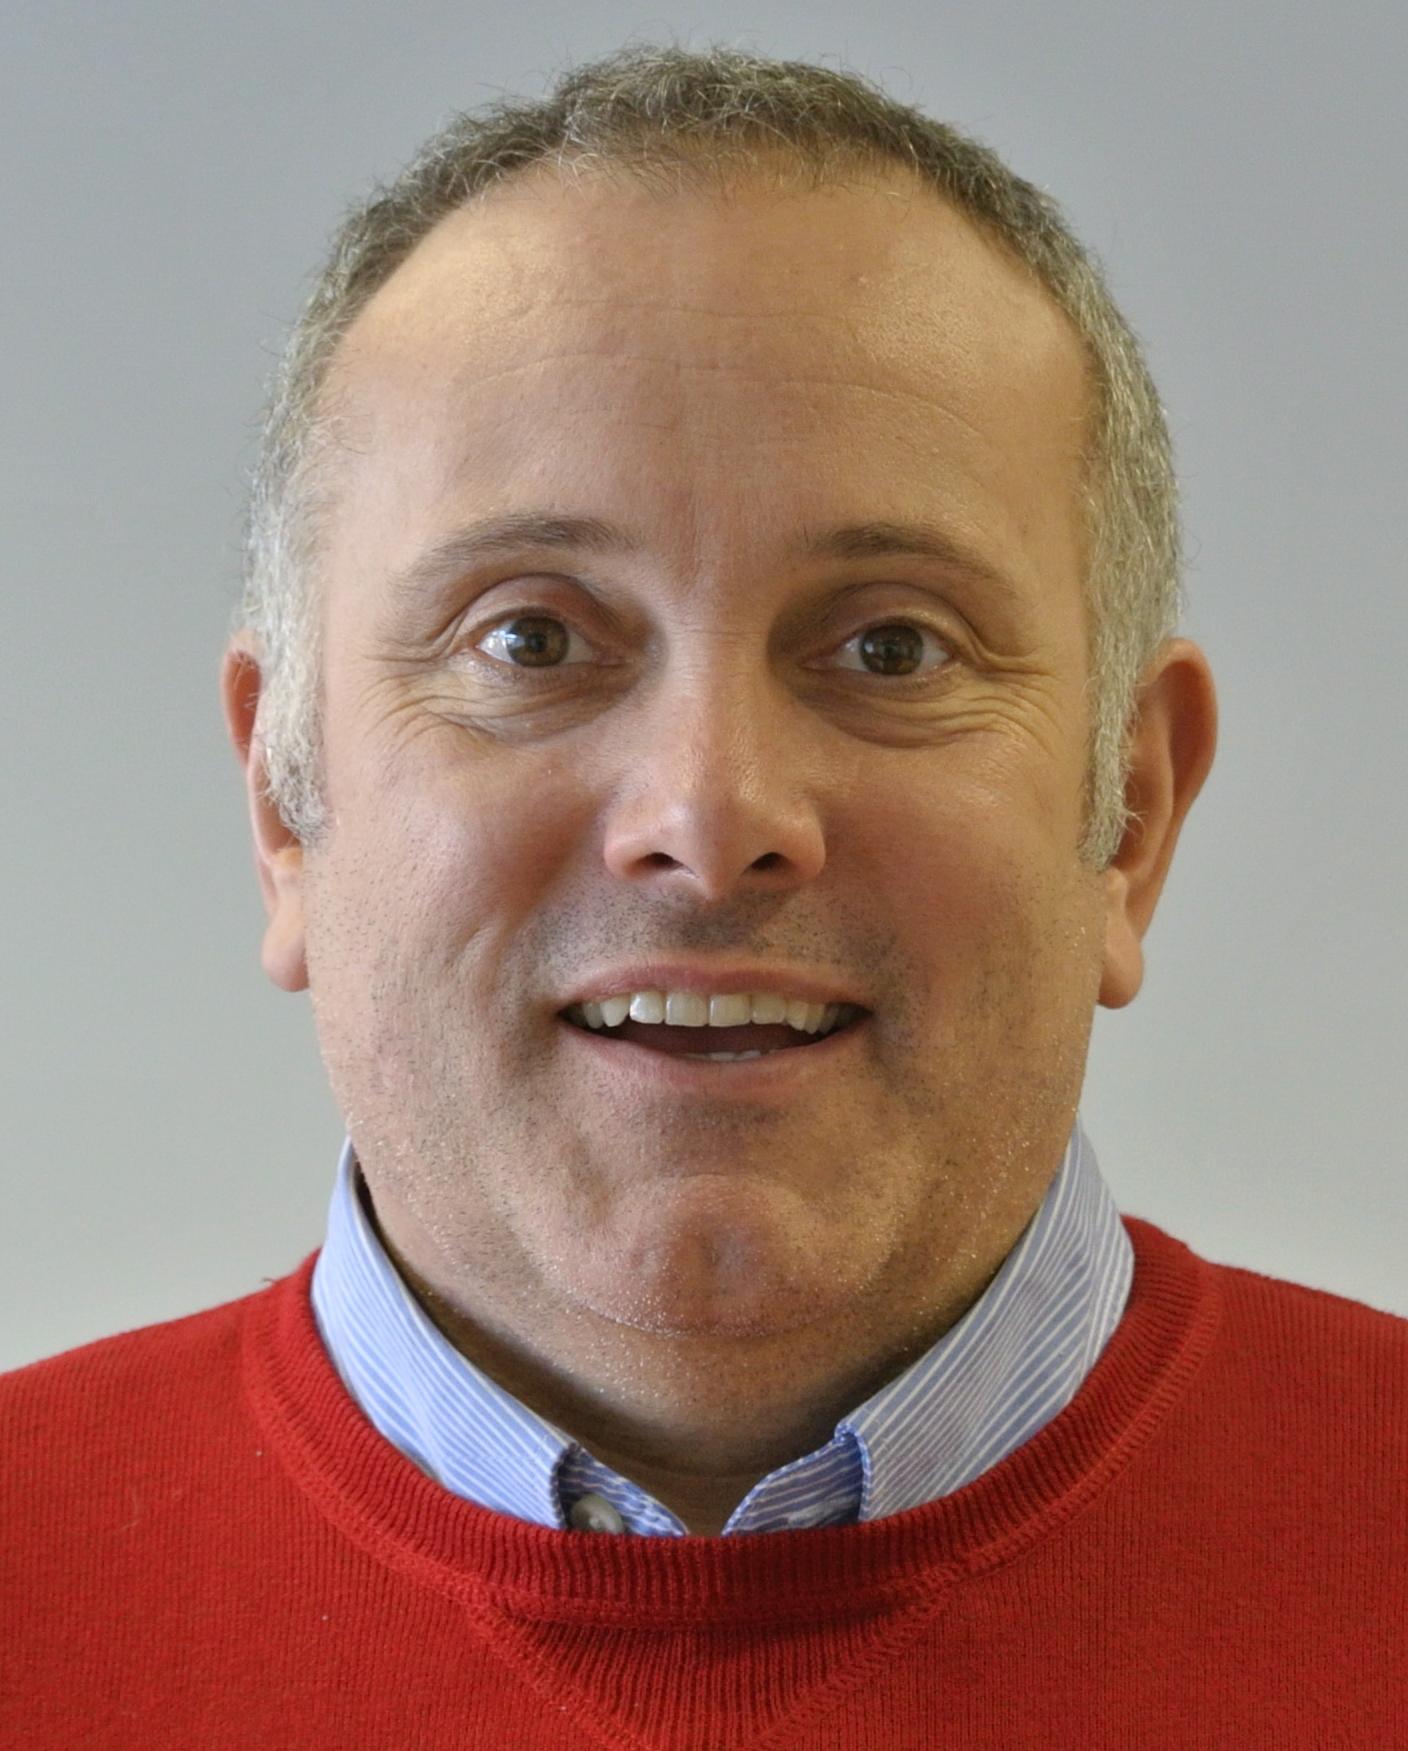 Peter Grant